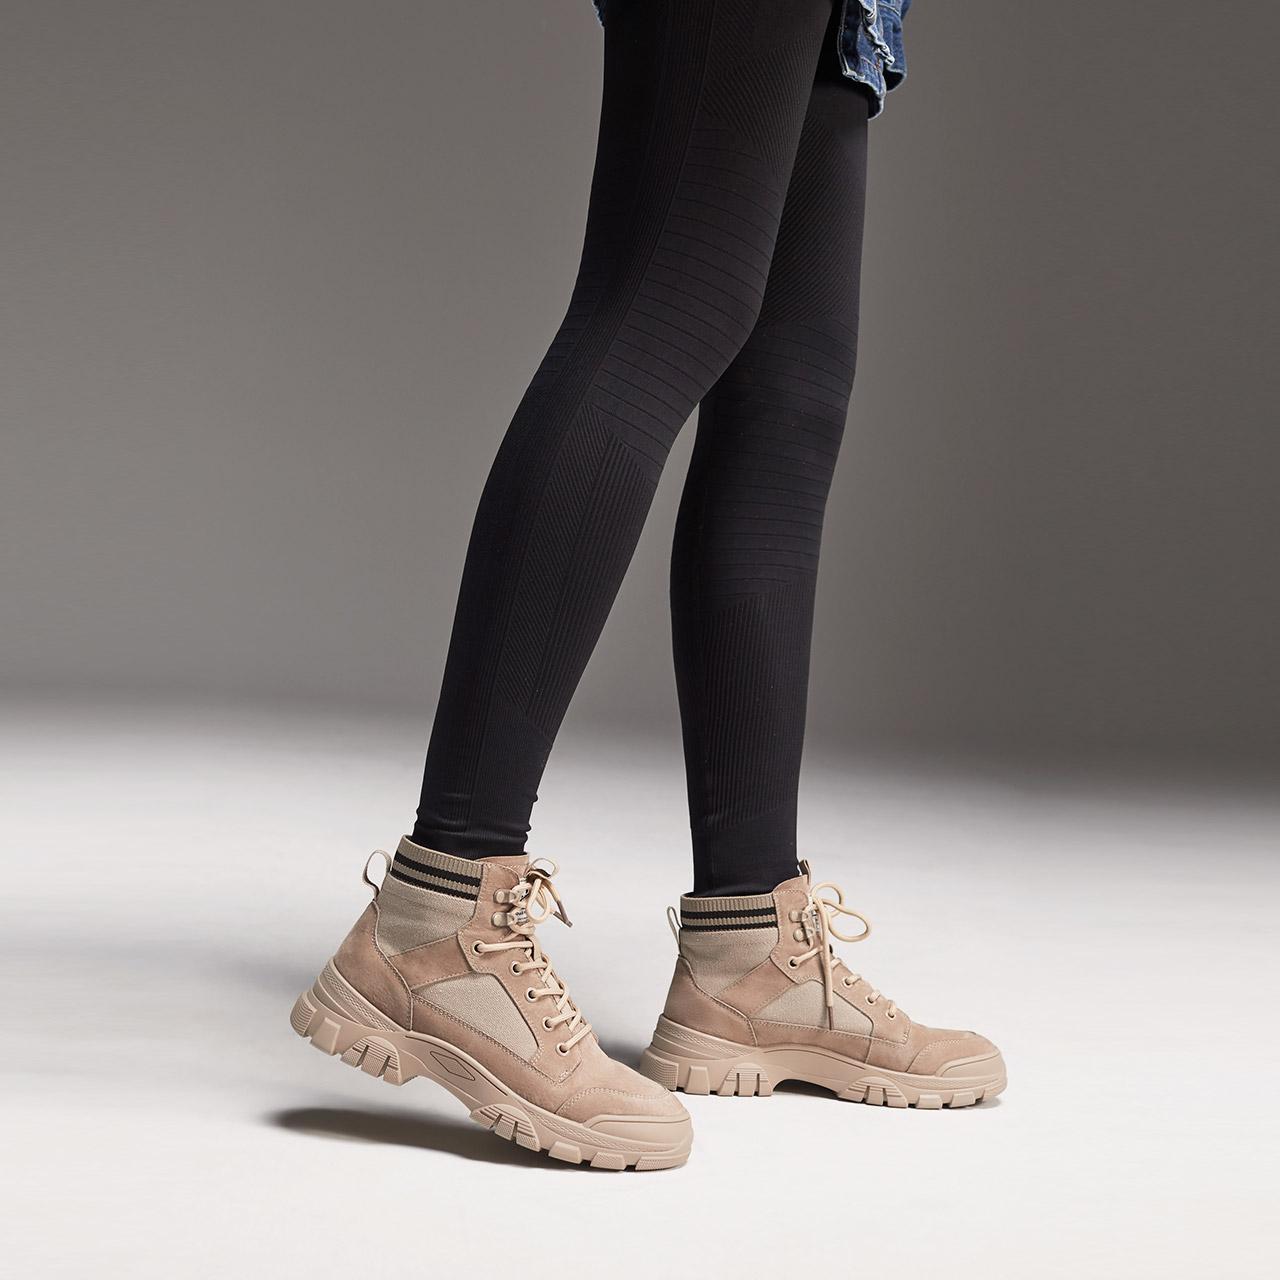 25077DD0 潮工装靴女绑带休闲短靴 ins 冬新 2020 百丽厚底马丁靴女